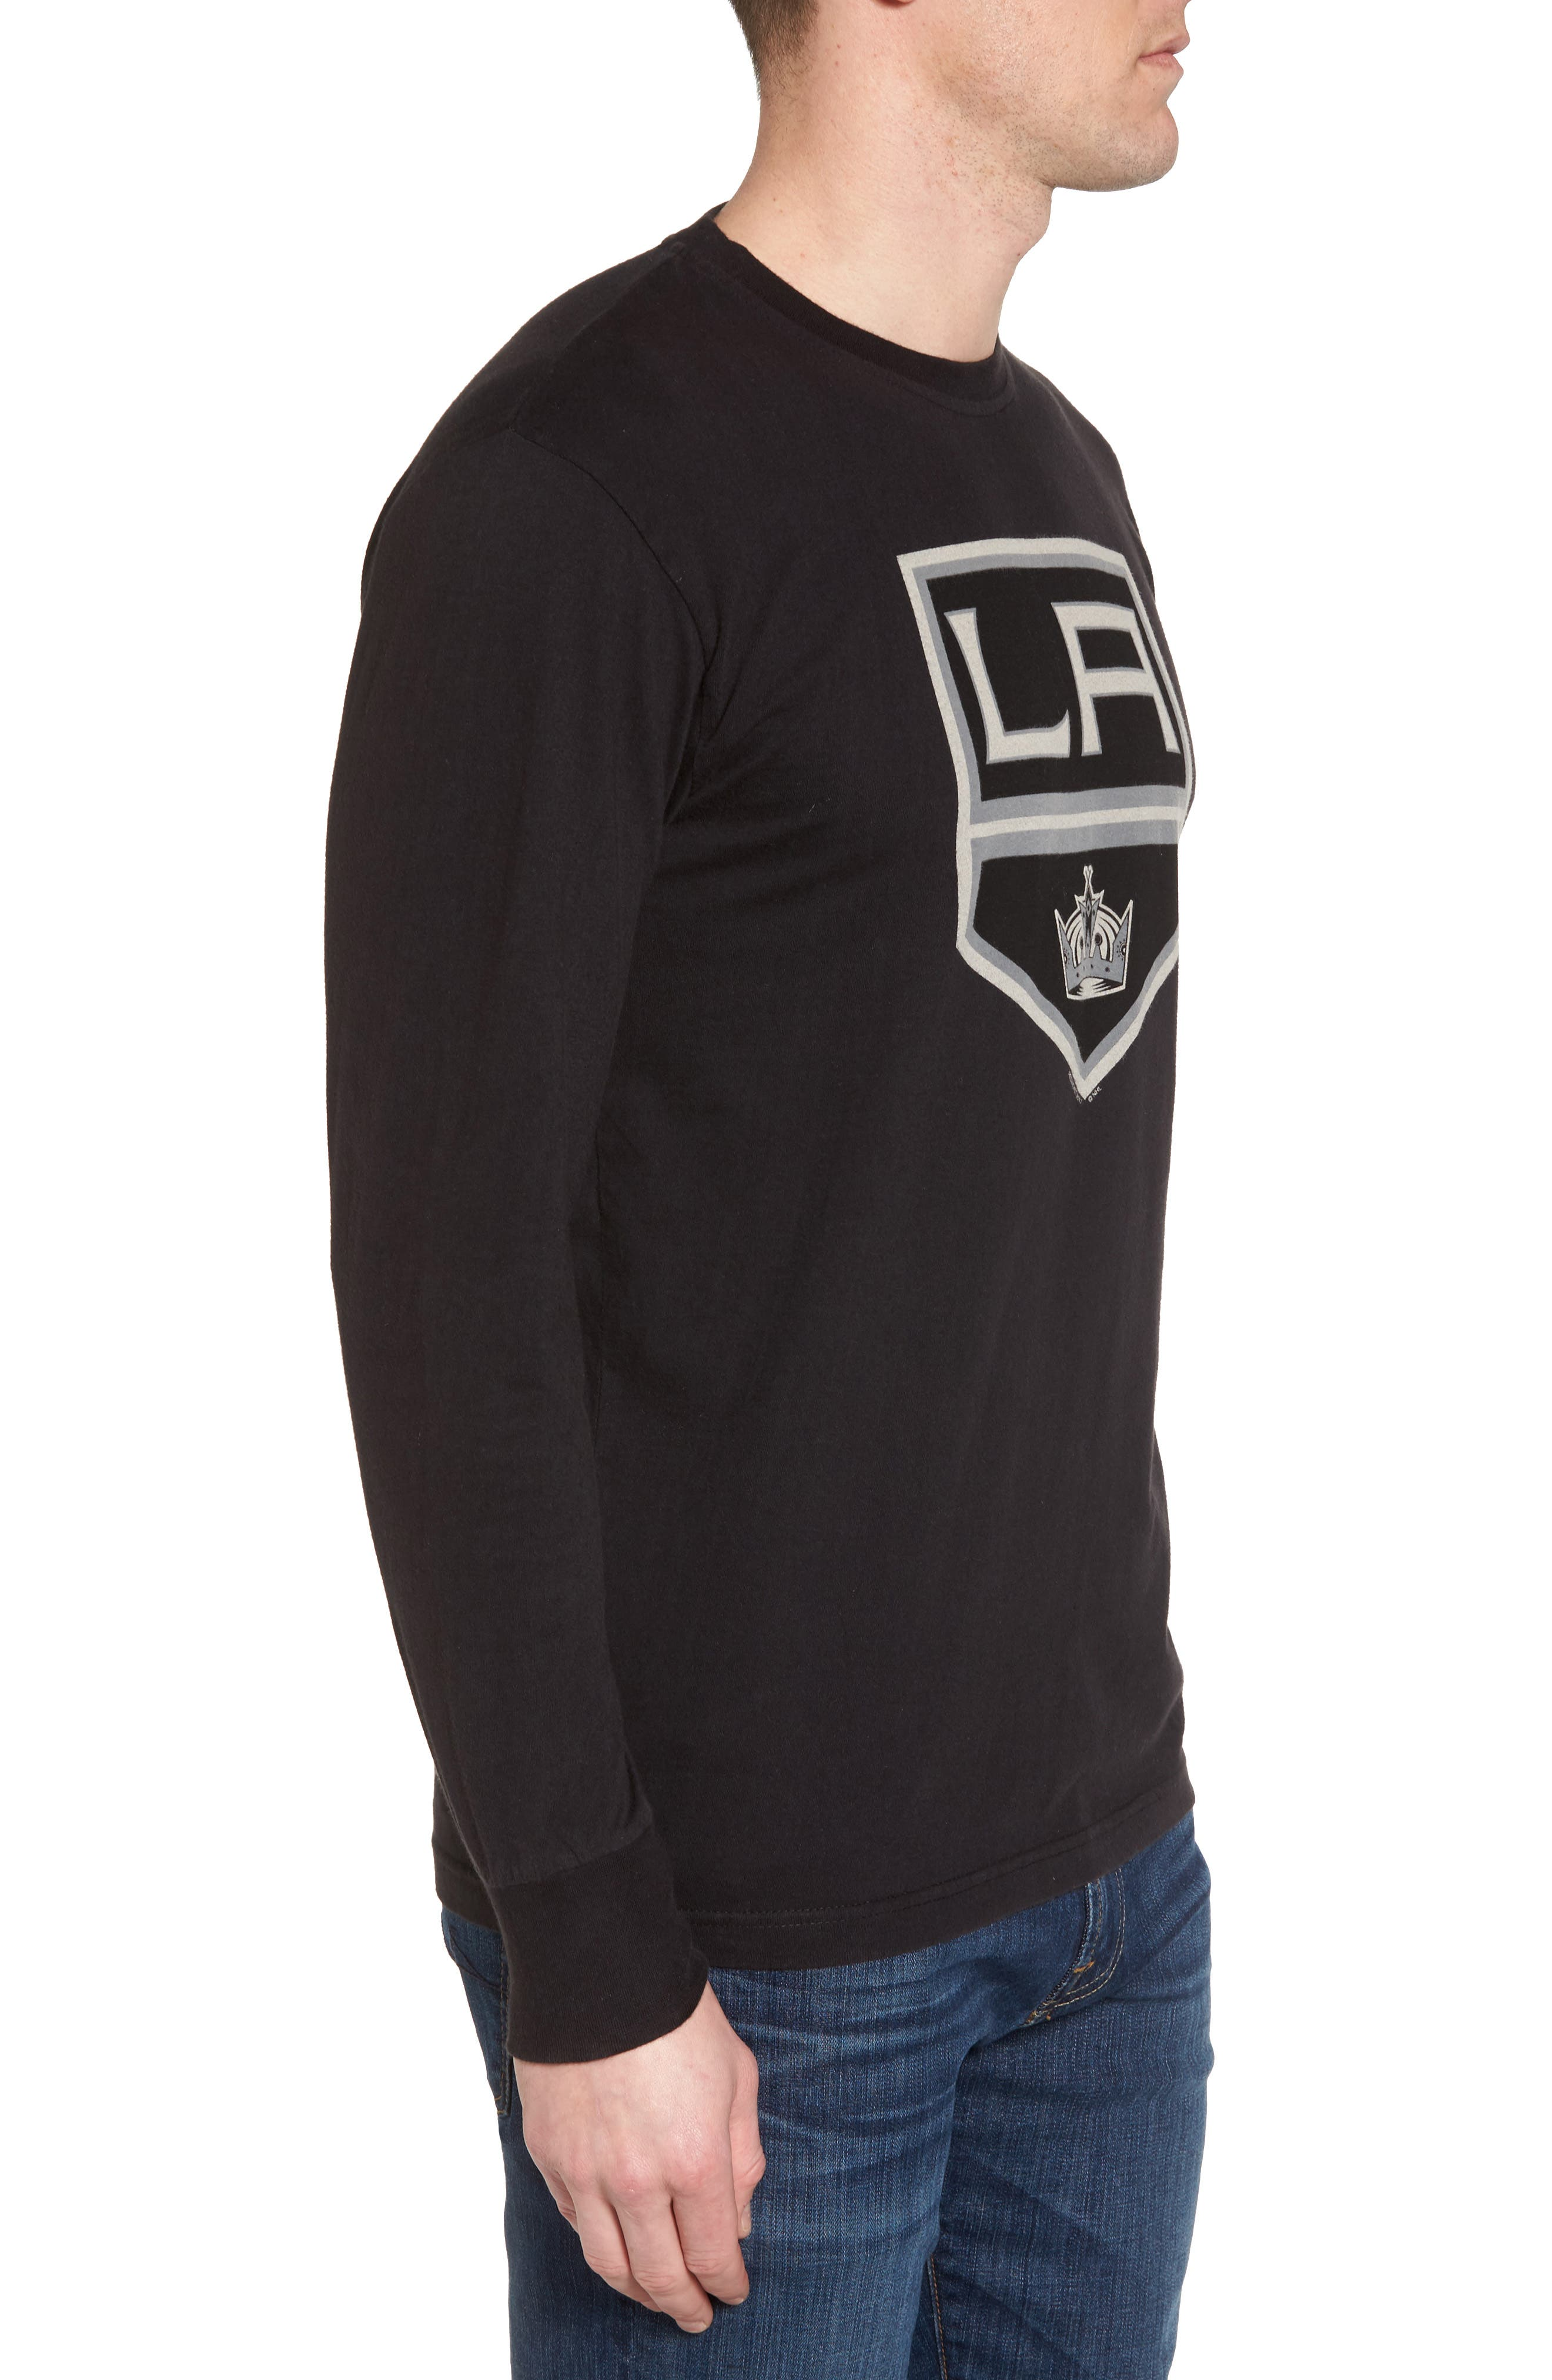 Gresham LA Kings T-Shirt,                             Alternate thumbnail 3, color,                             Black